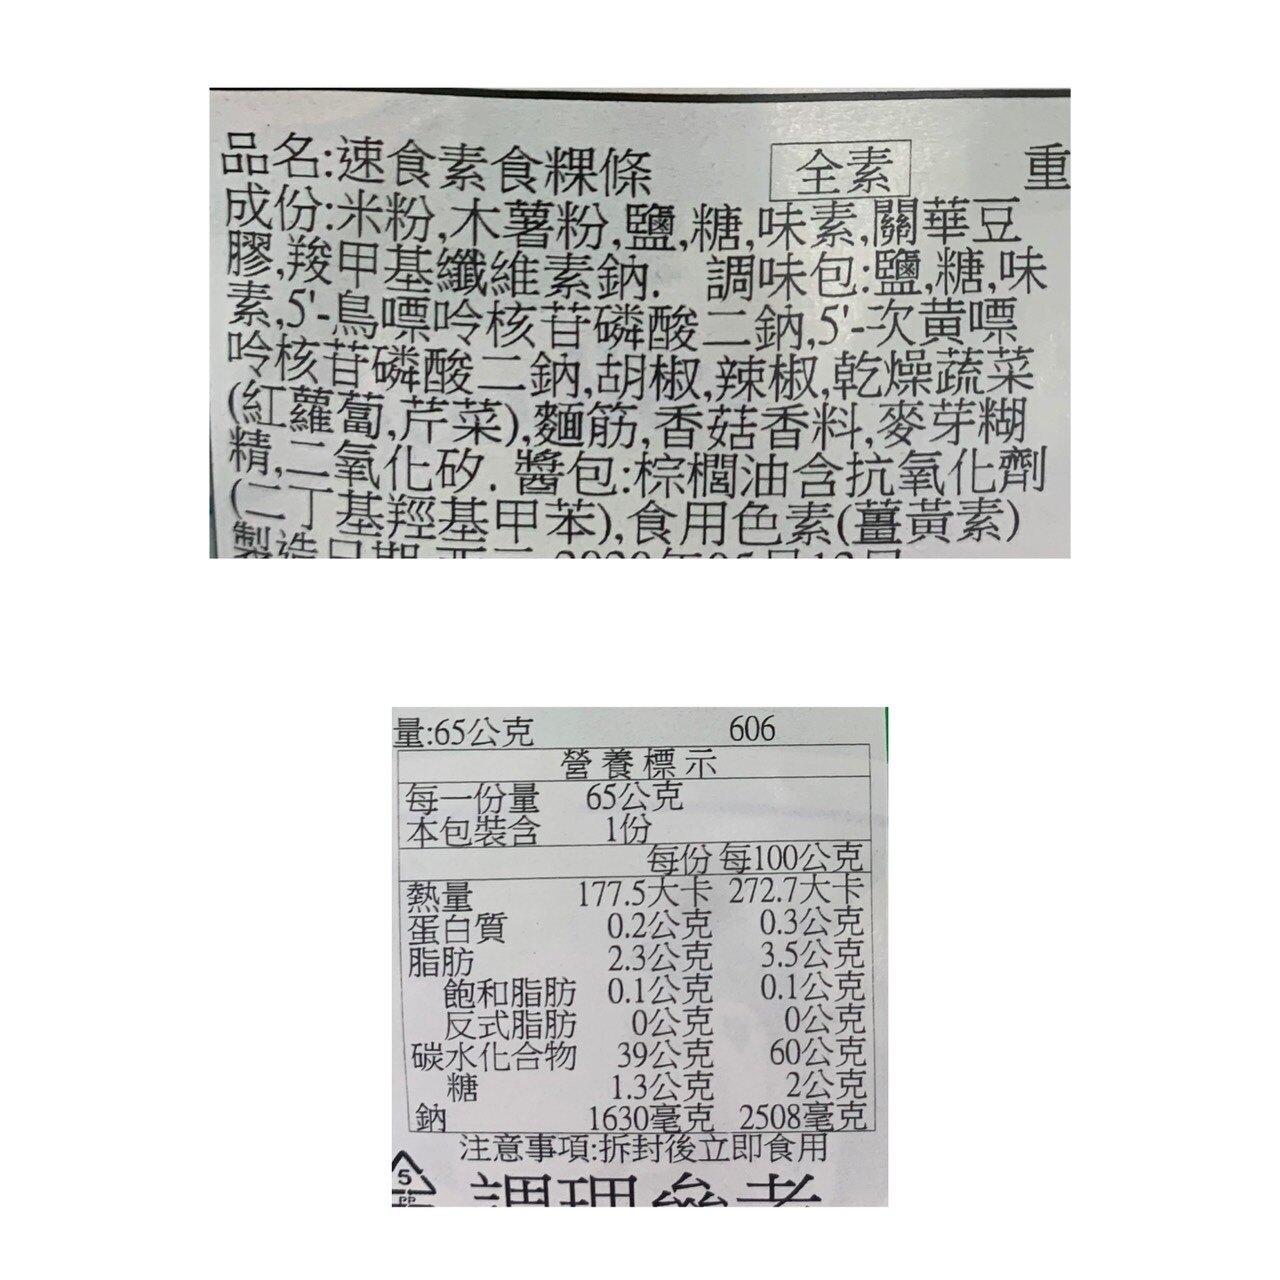 {泰菲印越} 越南 miliket 素食粿條 全素 65克